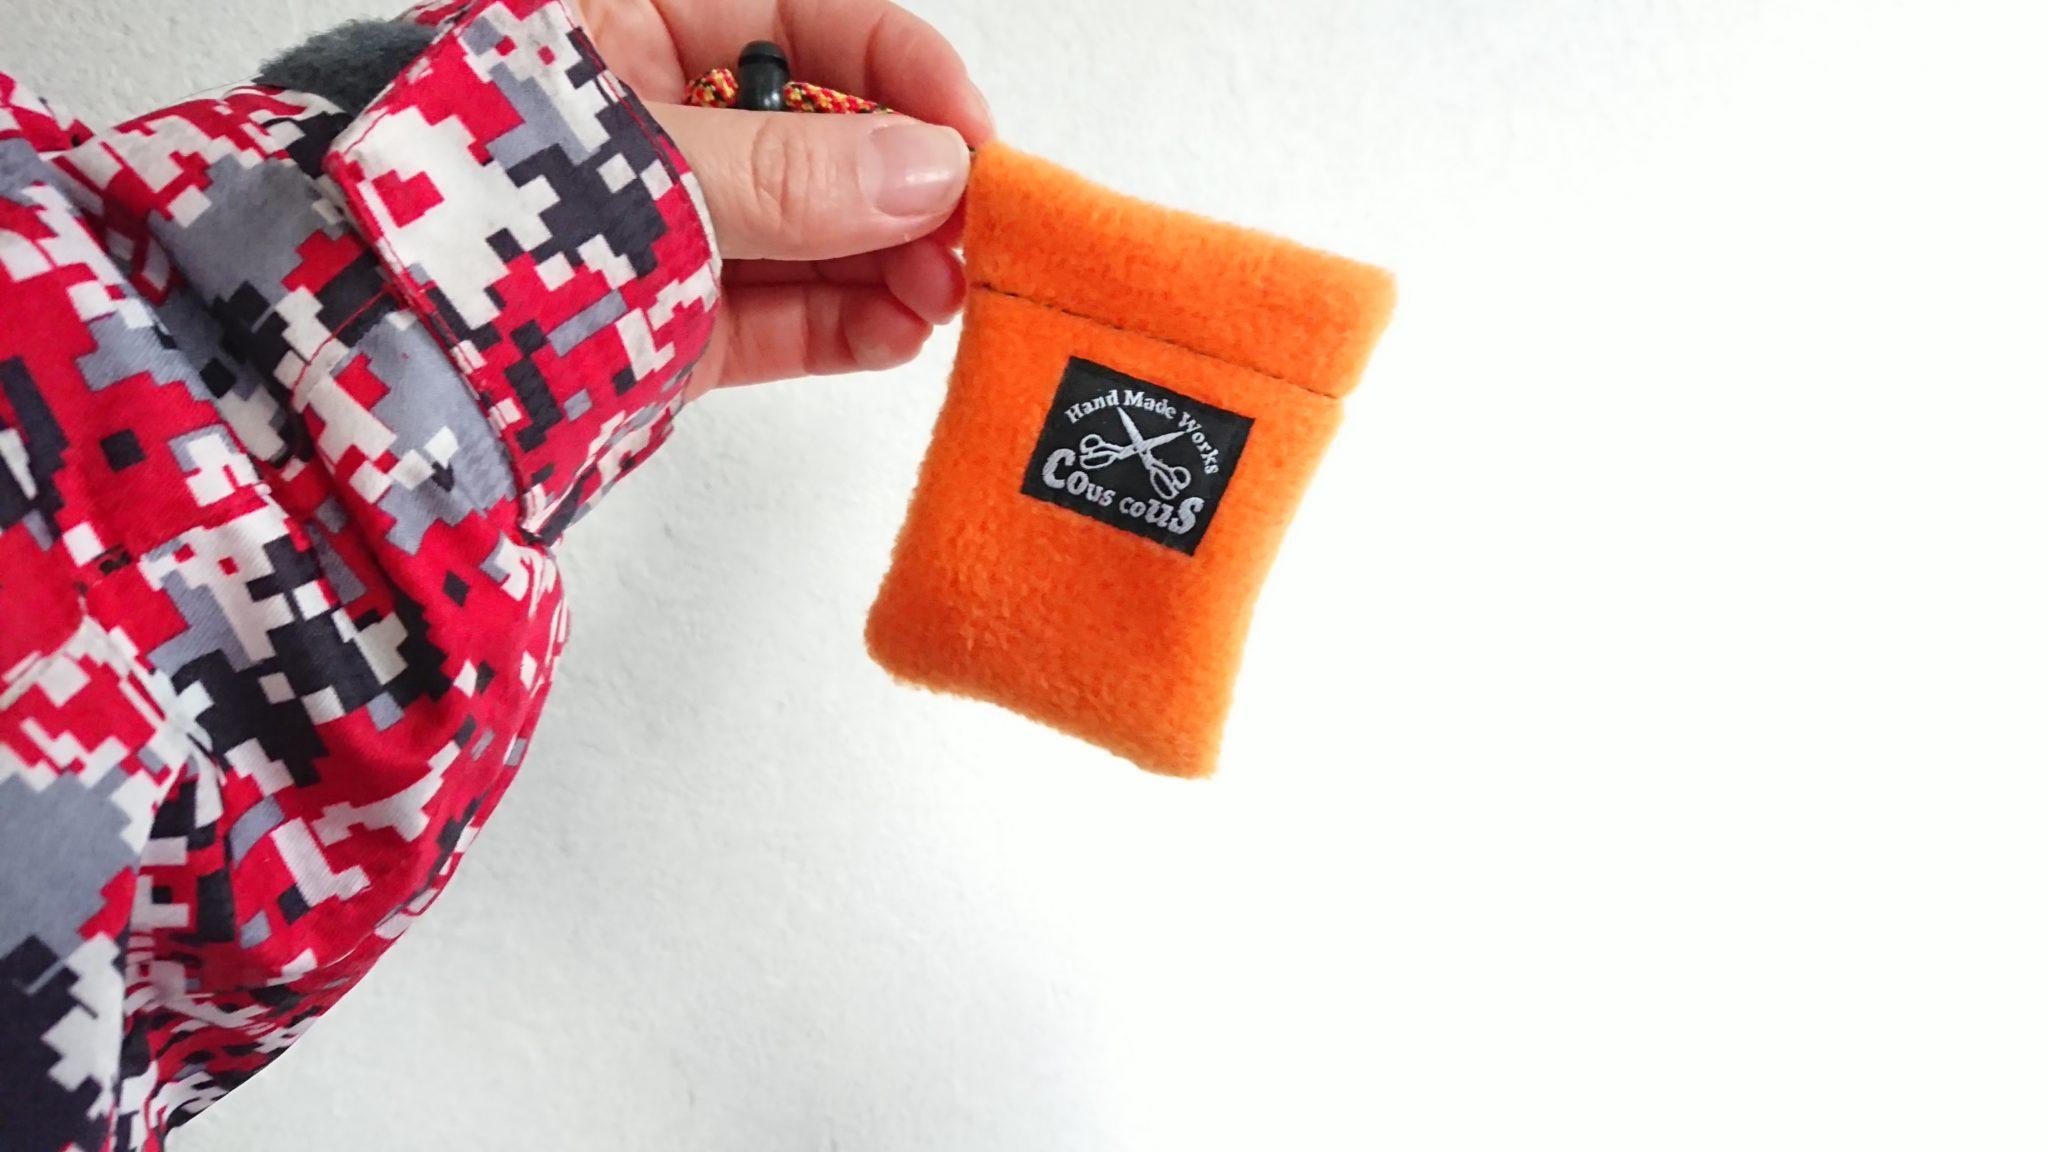 DSC 2009 - 【レビュー】エィミイおすすめ!Couscous(クスクス)のVAPEソックスが冬のベイパーを救う!VAPEポーチMも便利便利【小物/アクセサリ】